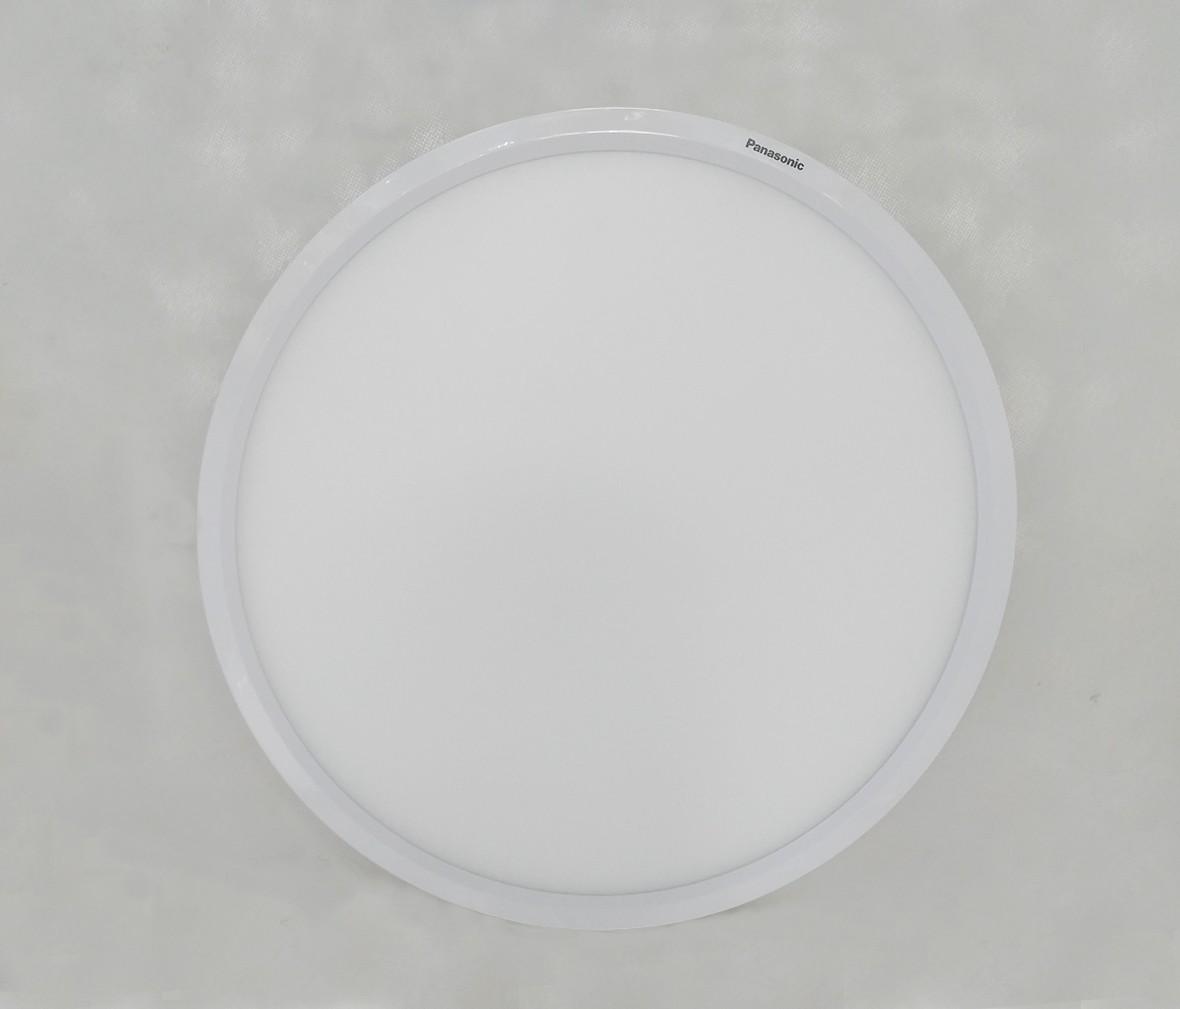 松下灯饰 HH-LA1705型号 吸顶灯 亚克力材质 LED灯芯